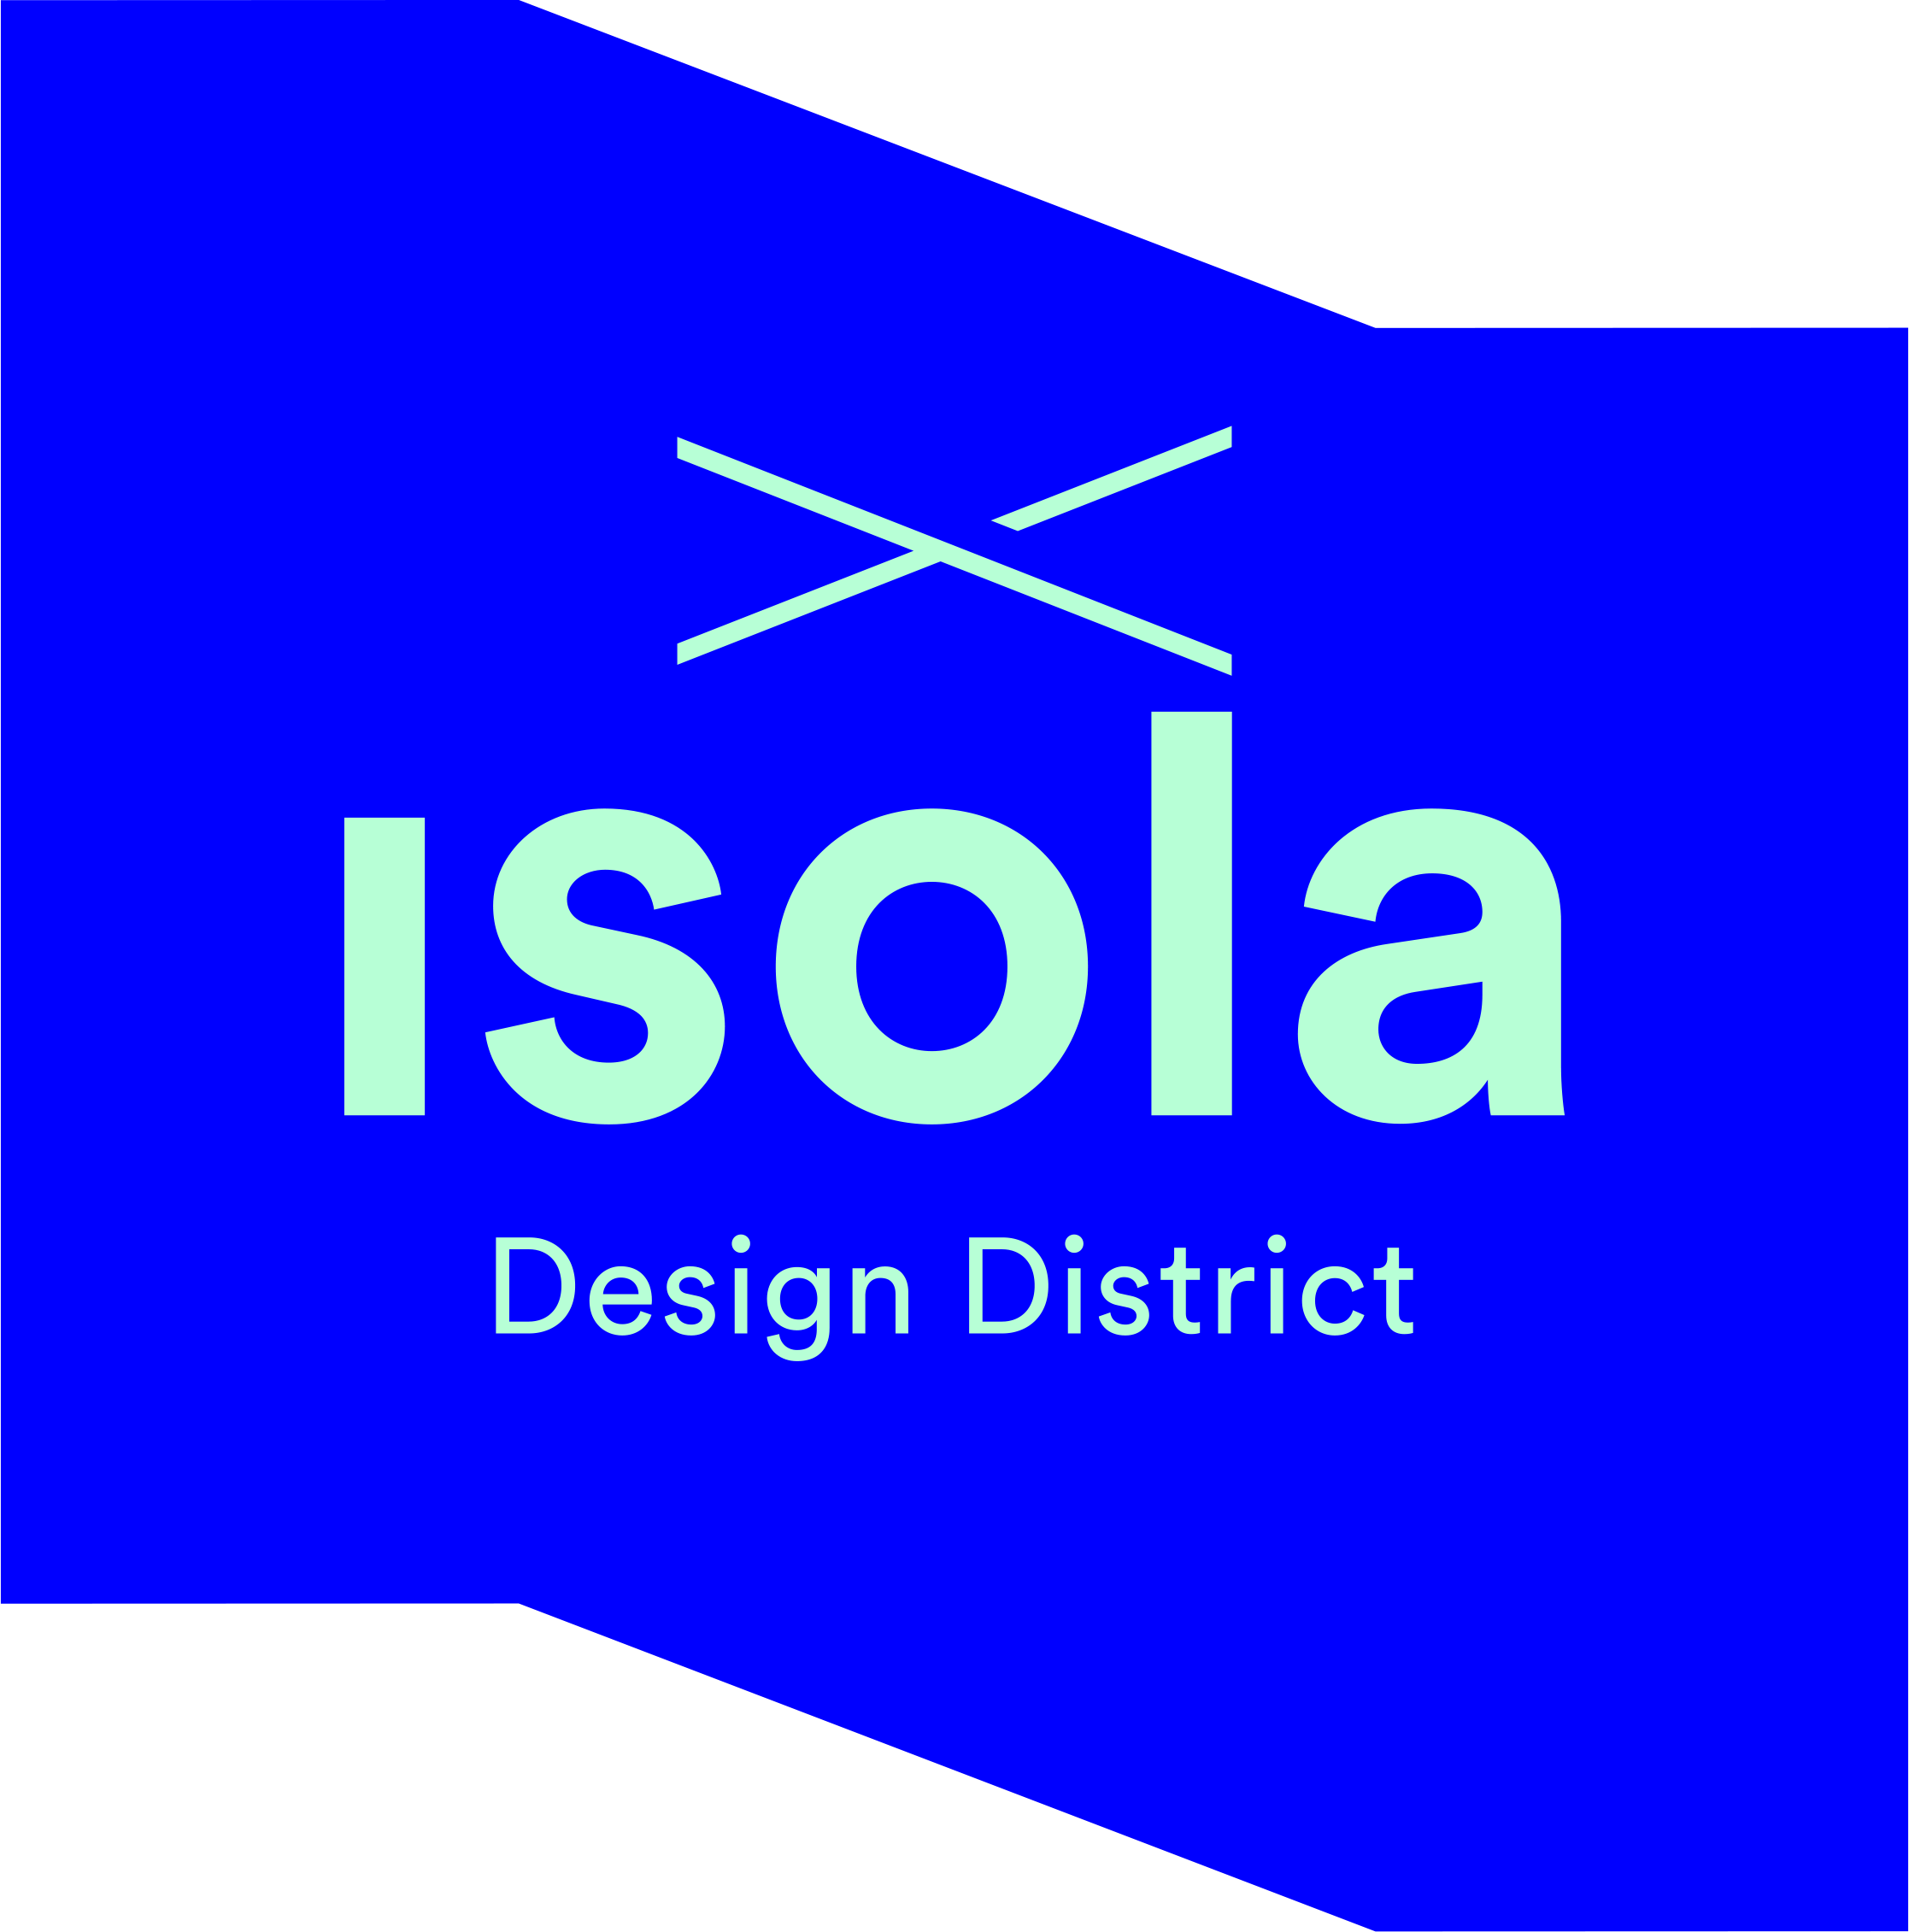 isola_logo